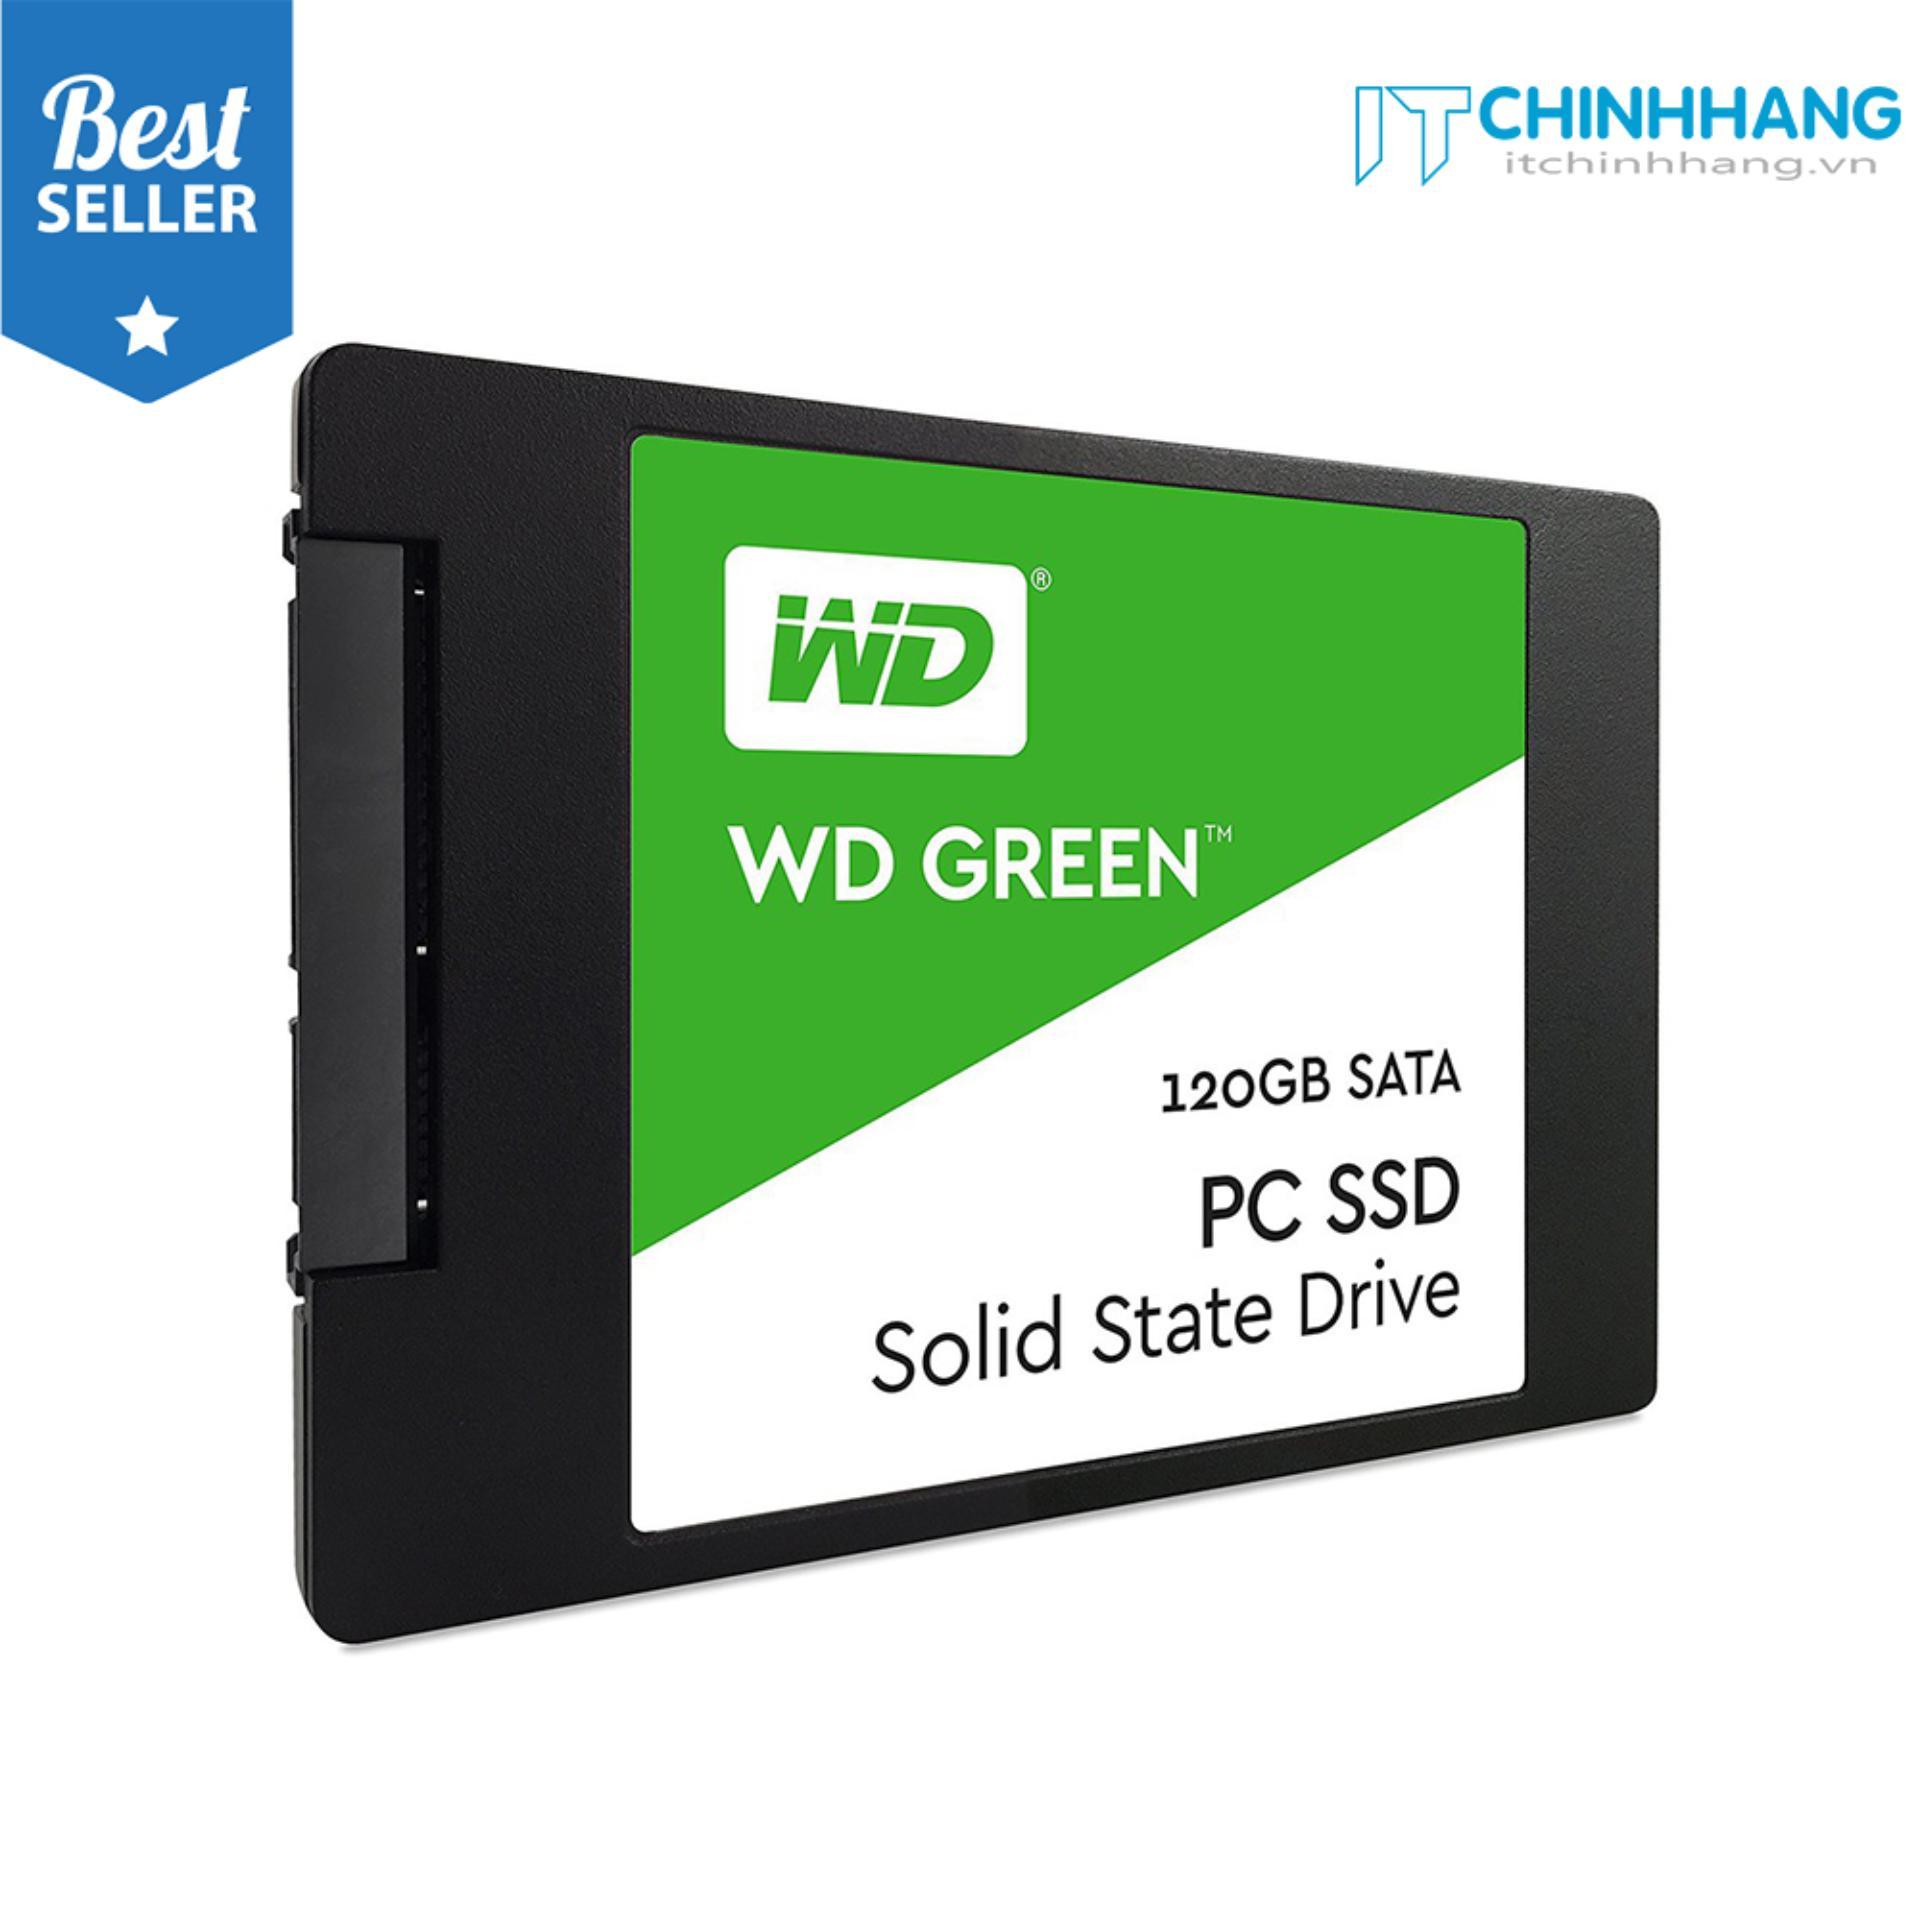 Hình ảnh Ổ cứng SSD WD Green 120GB SATA 2.5 inch - HÃNG PHÂN PHỐI CHÍNH THỨC